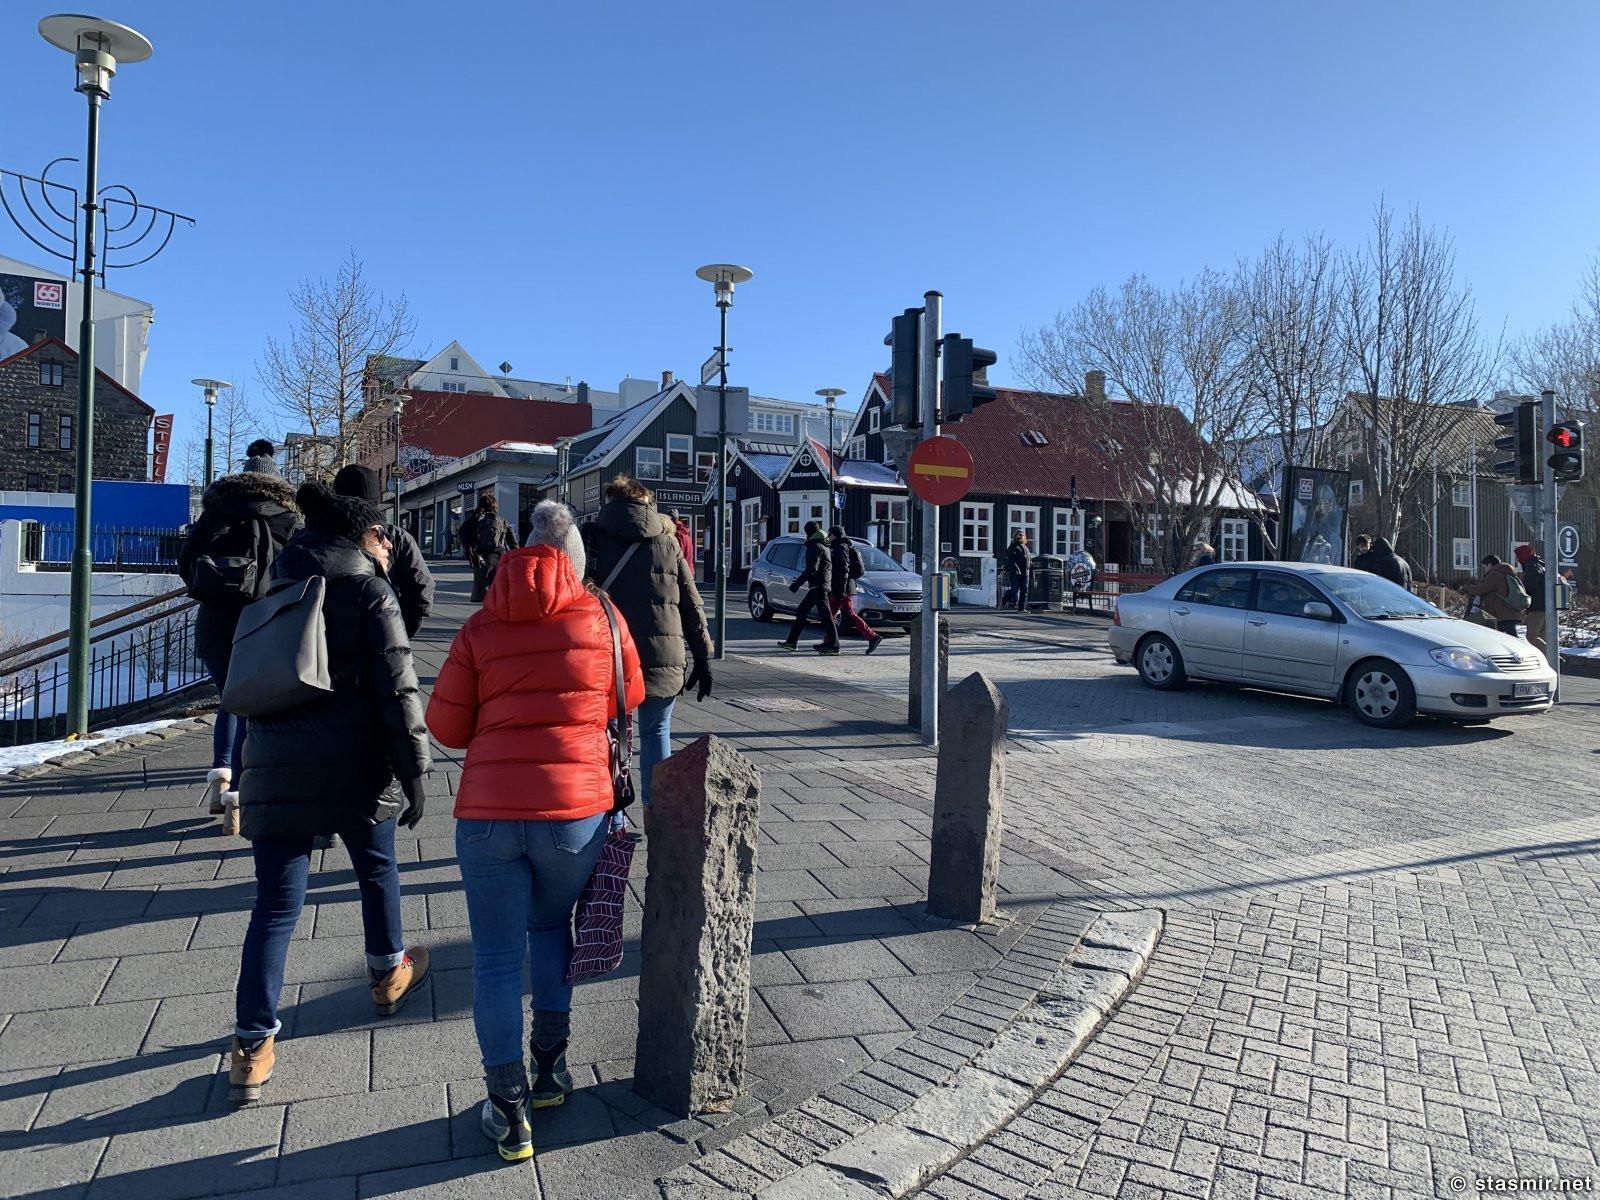 улицы Рейкьявика полны туристами в разгар эпидемии коронавируса, фото Стамир, photo Stasmir